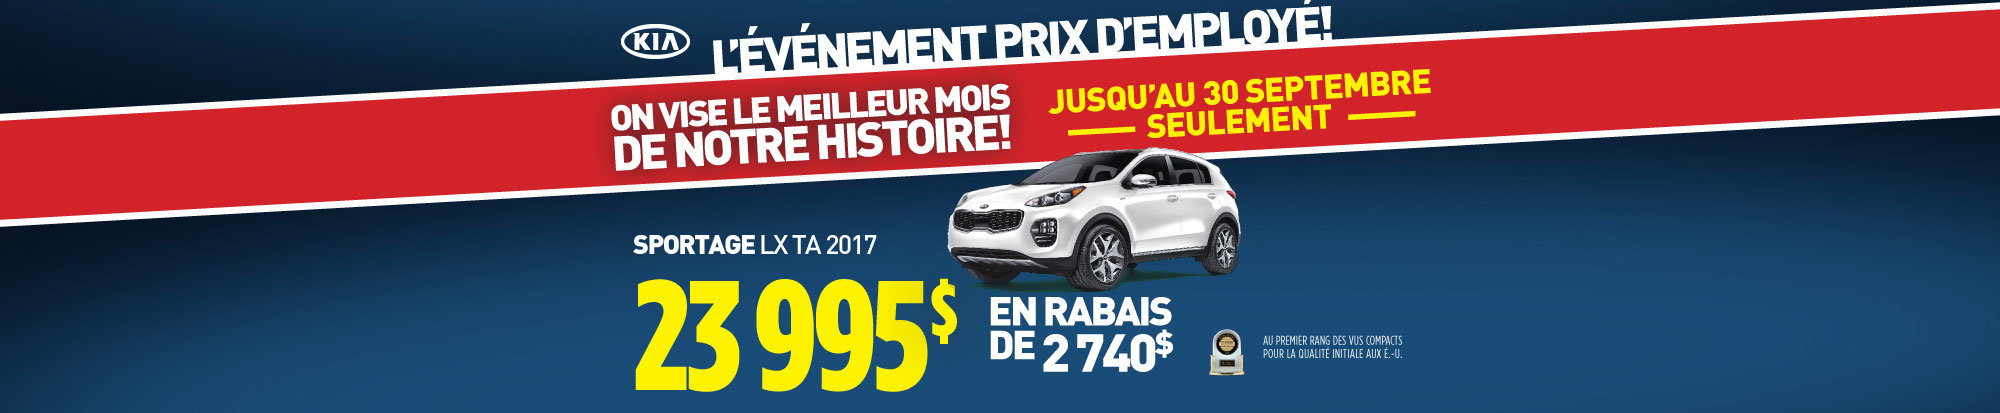 Événement prix employé: Le Kia Sportage 2017